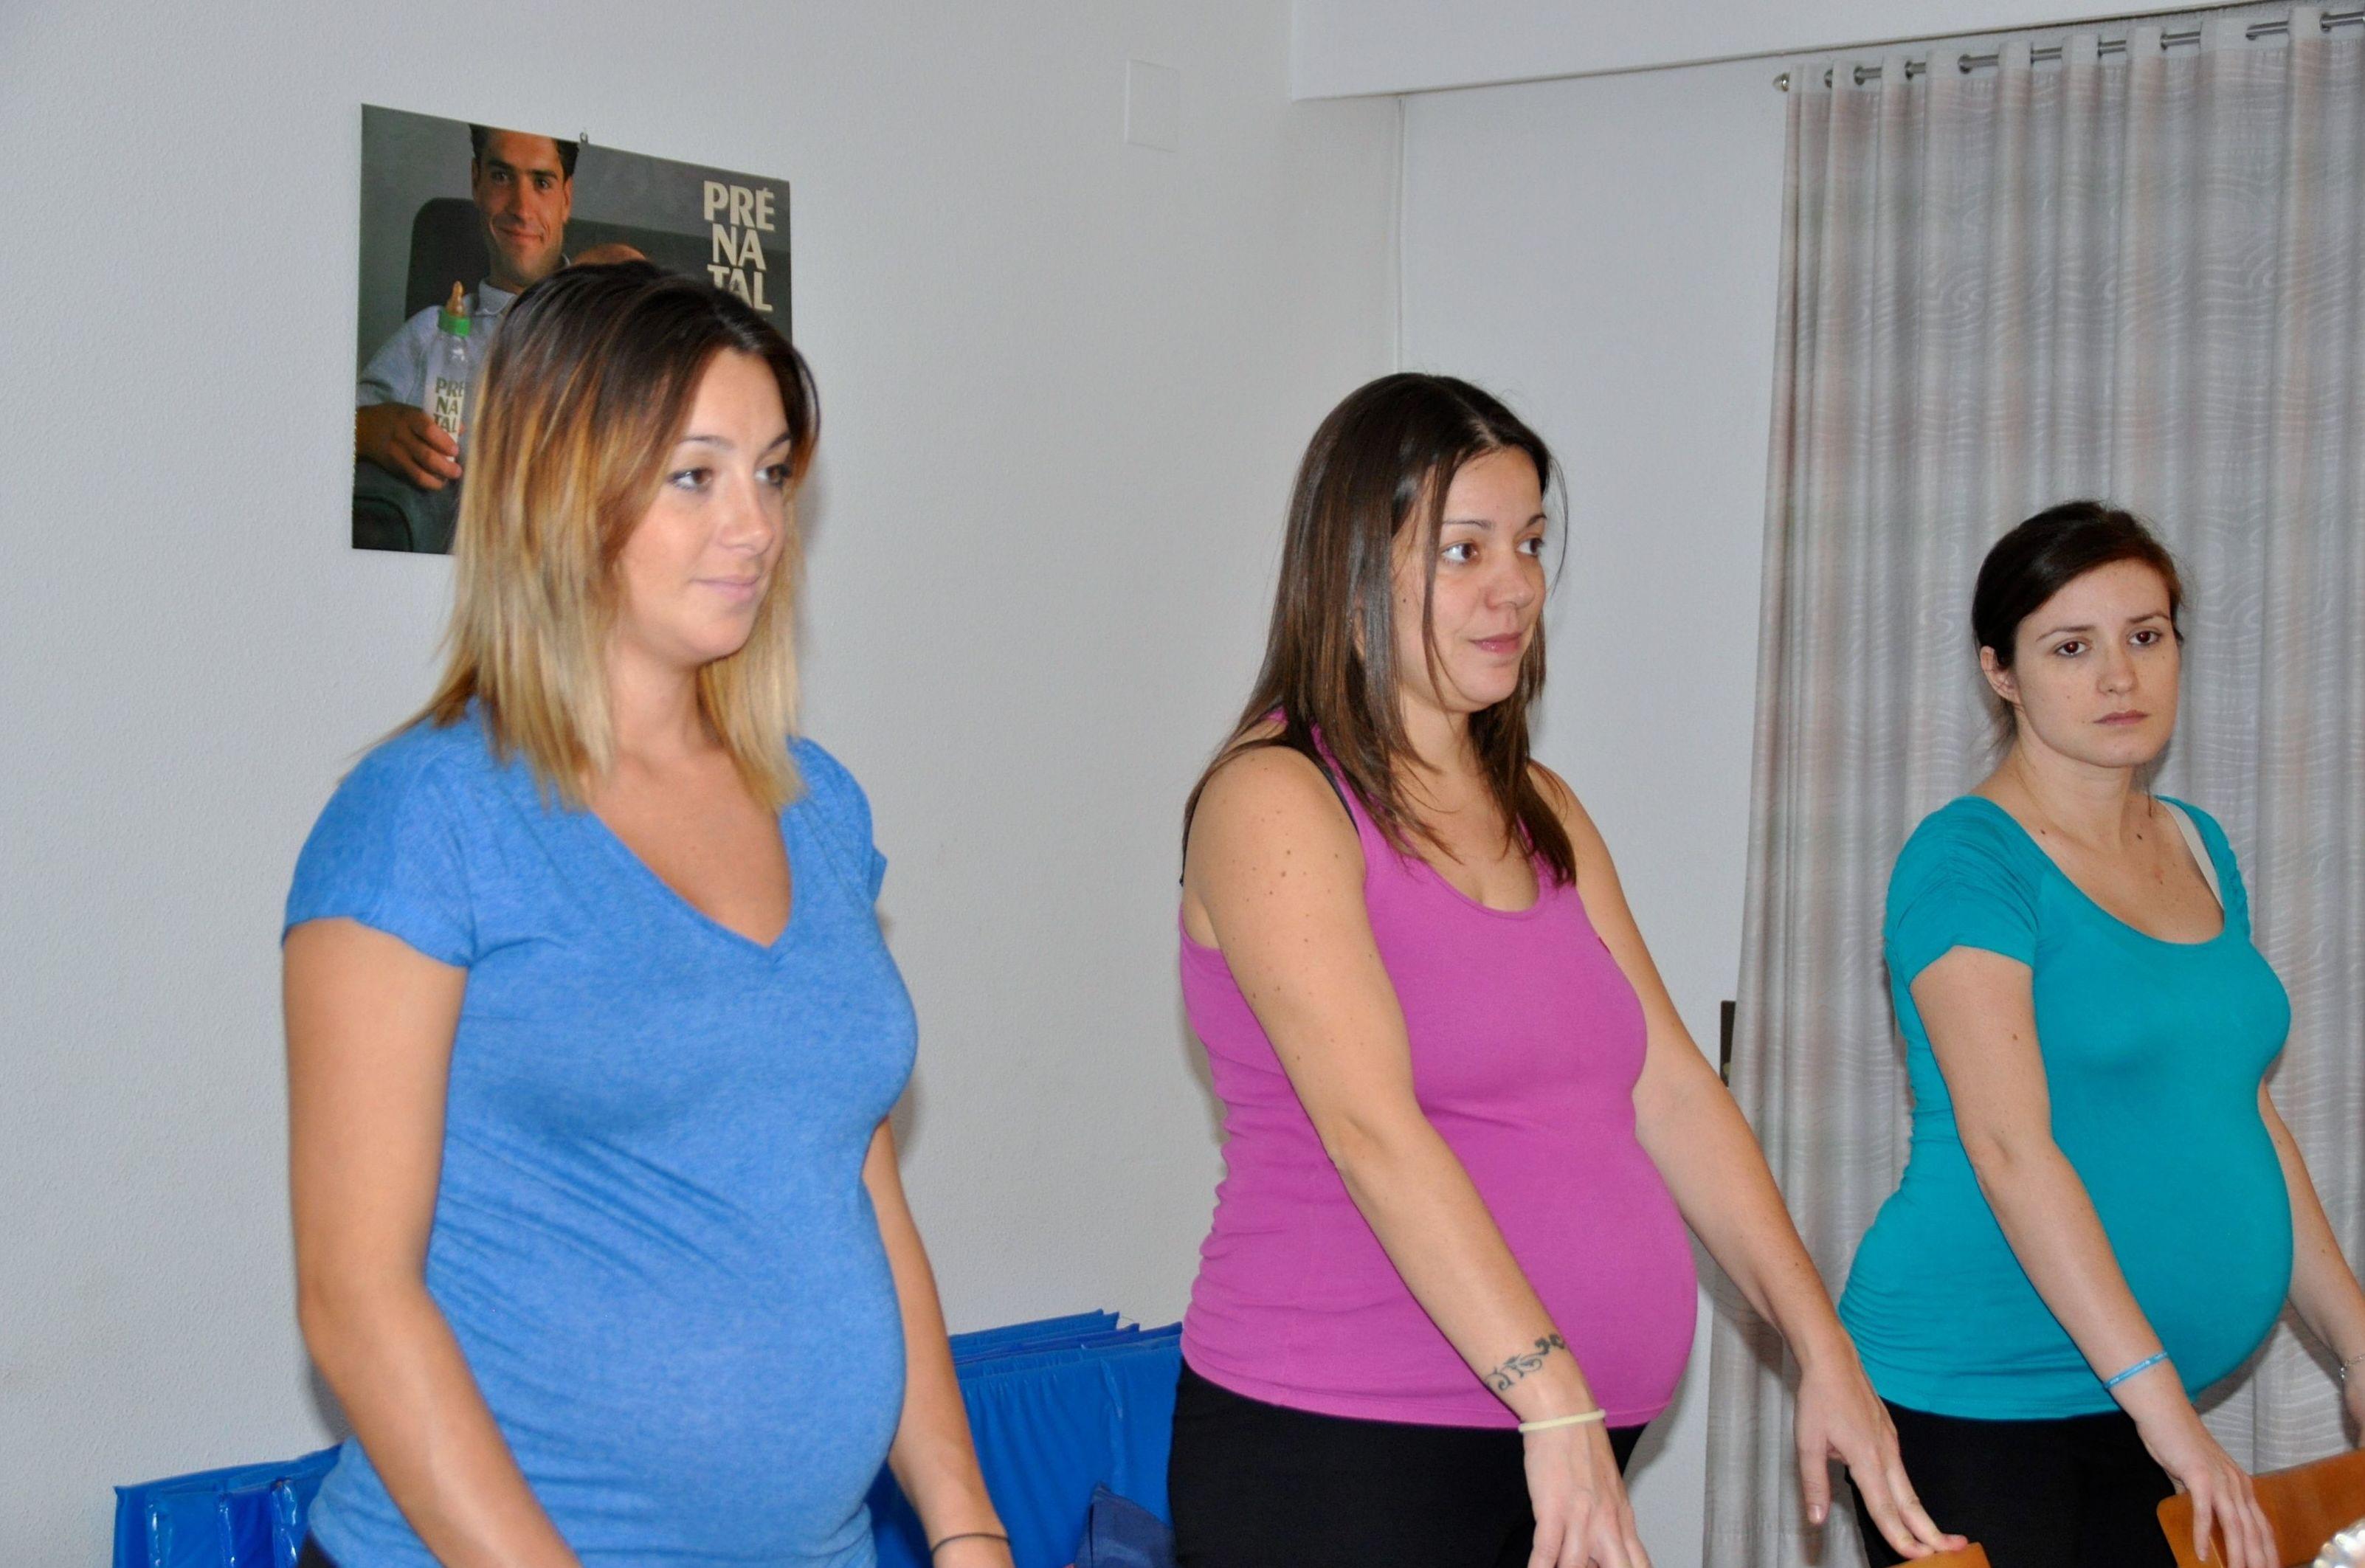 Gimnasia de preparación al parto en Valencia